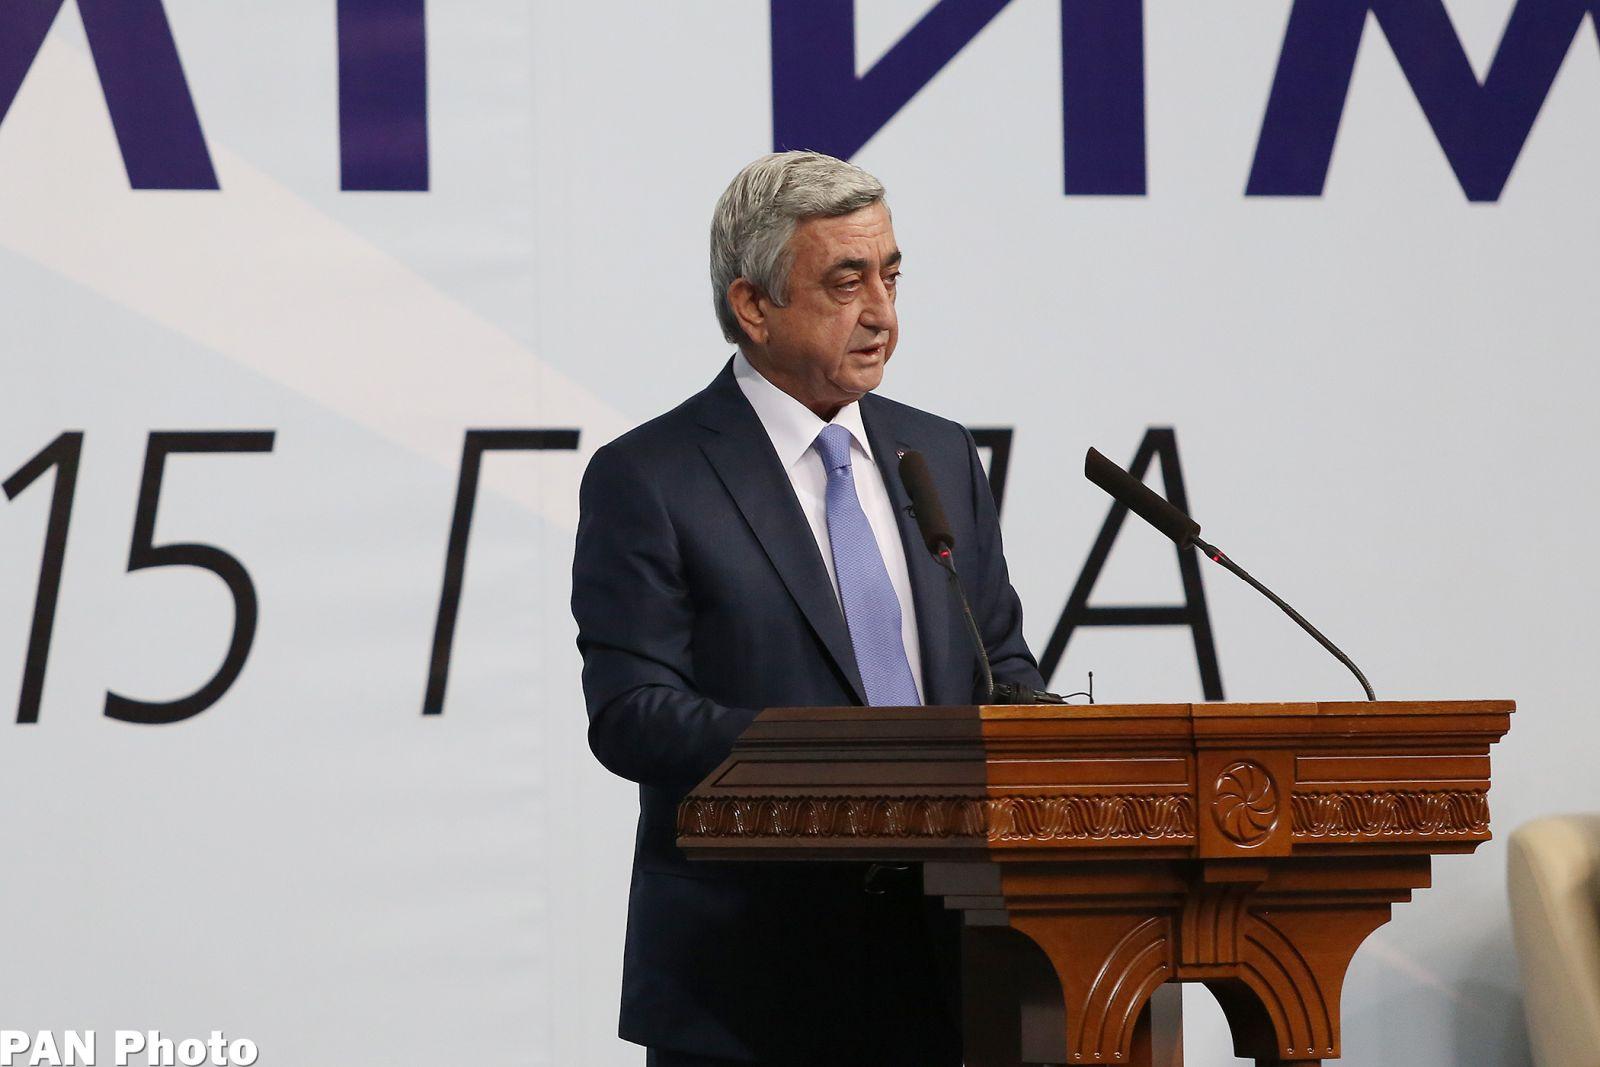 Երևանում մեկնարկել է ՄԳԻՄՕ-ի միջազգային ֆորումը. ՀՀ Նախագահը կարևորեց ՄԳԻՄՕ-ի դերը Հայաստանի համար (լուսանկարներ)